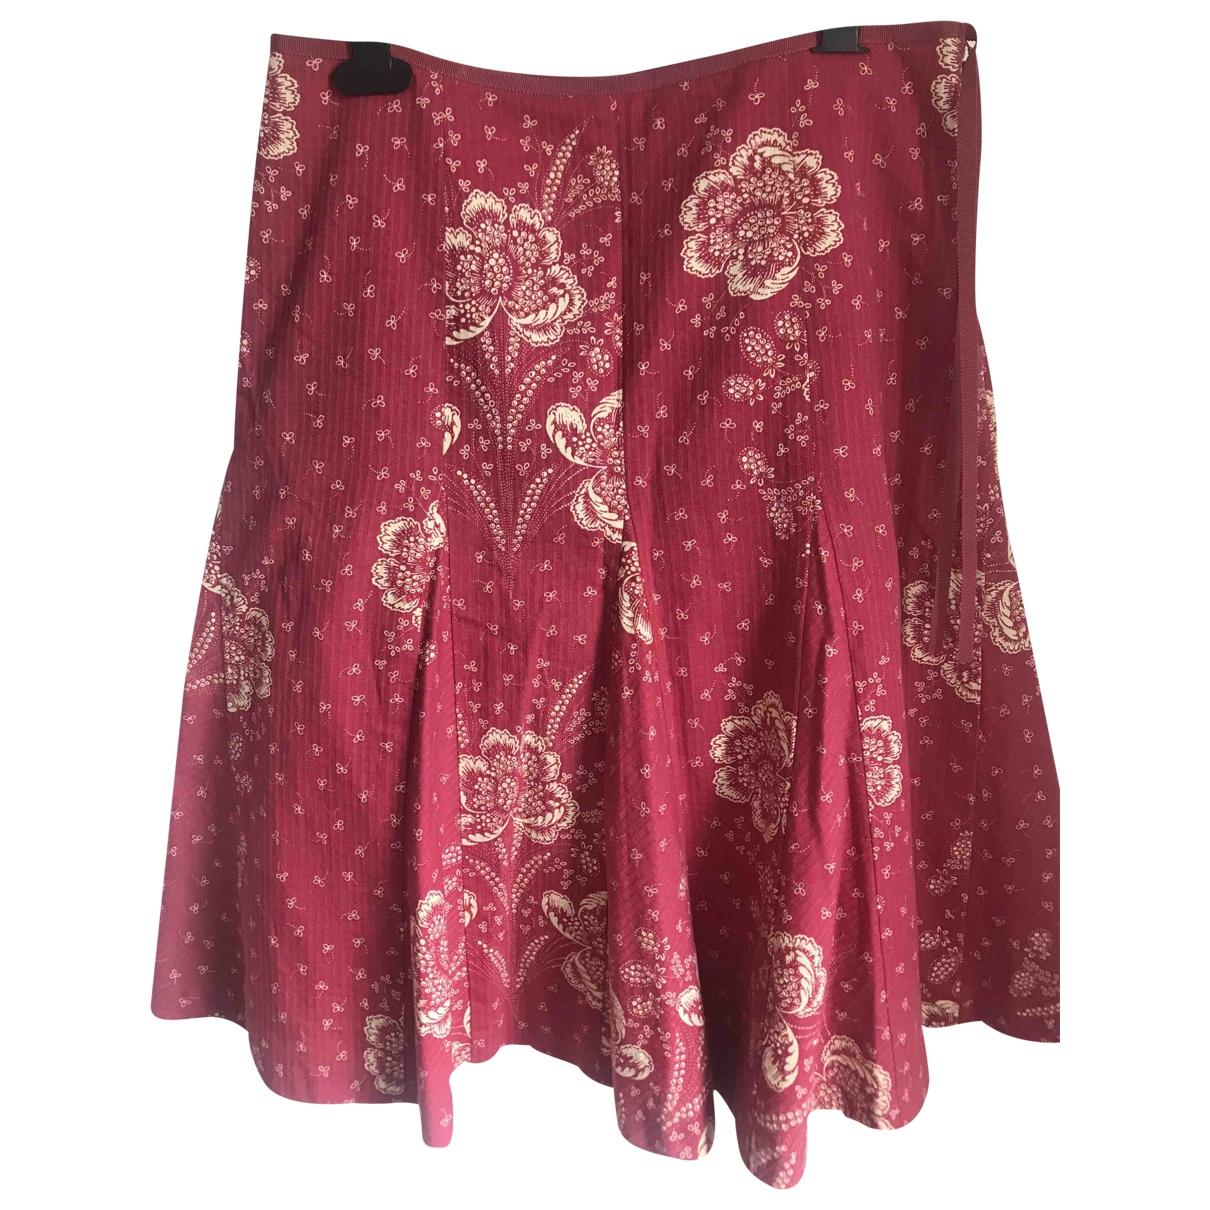 J.crew \N Burgundy Cotton skirt for Women 4 US